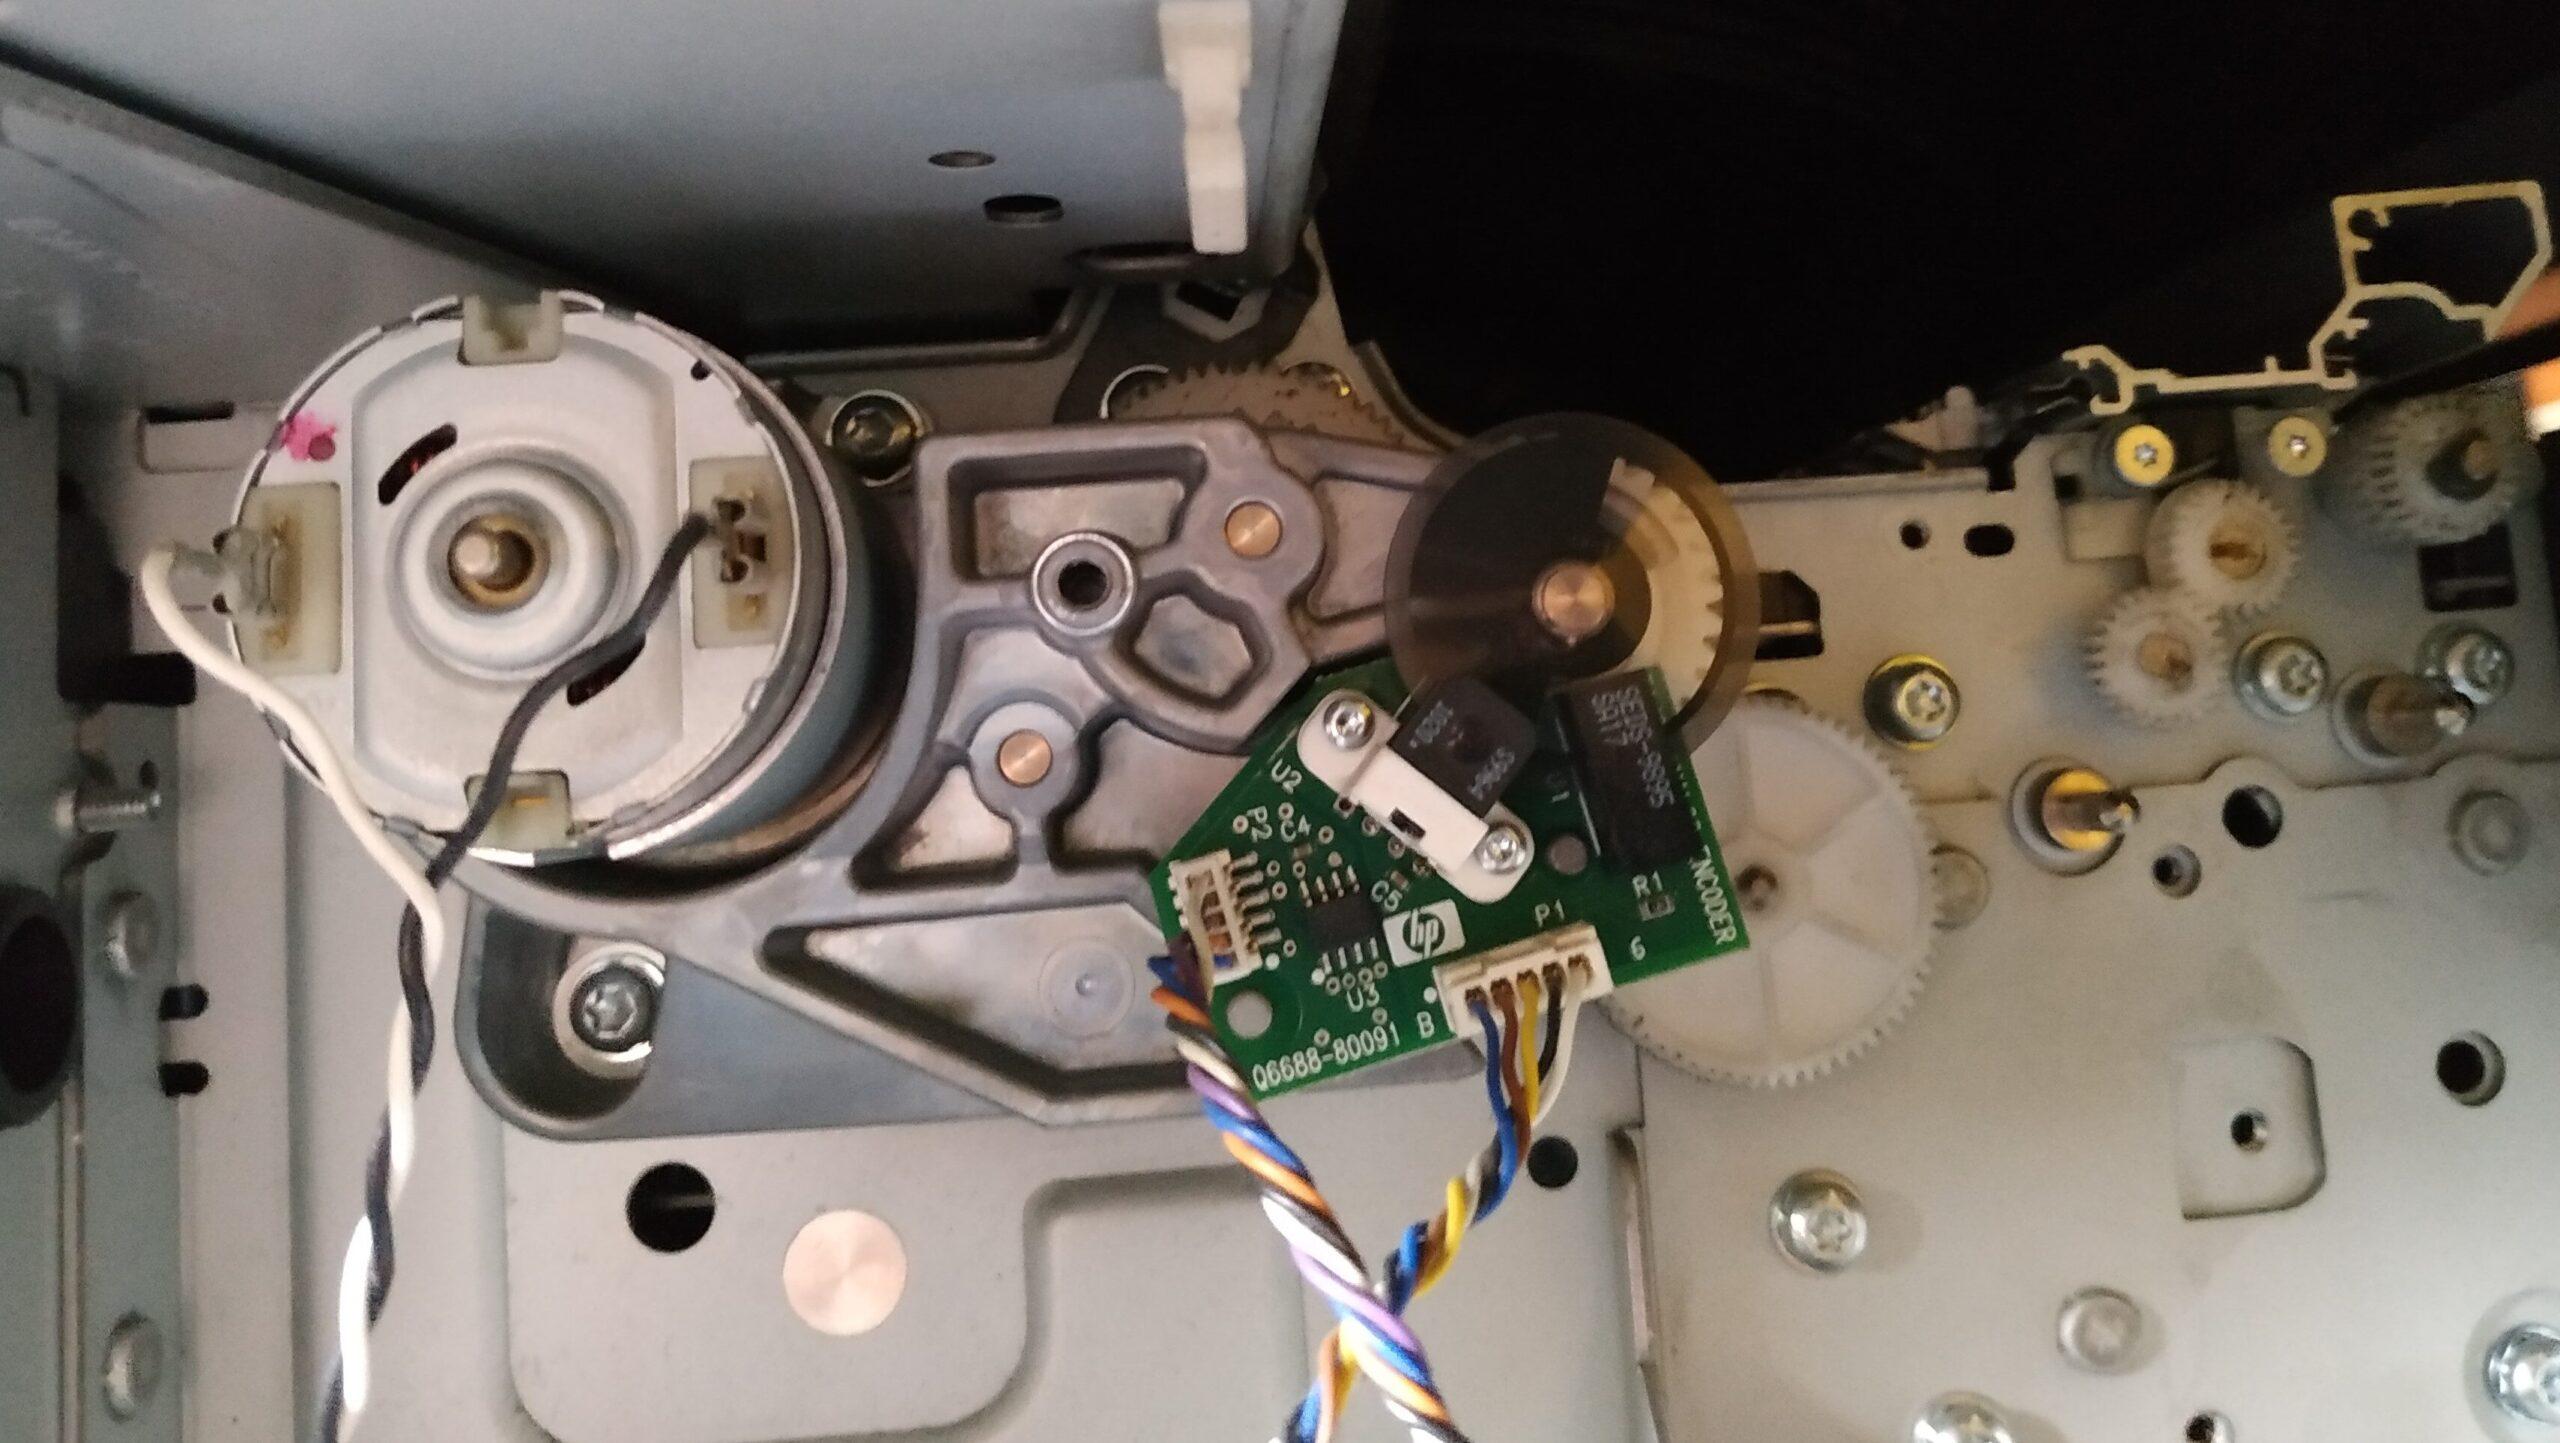 Mechanizm elektryczny suwnicy i karetki może tez nie działać poprawnie.